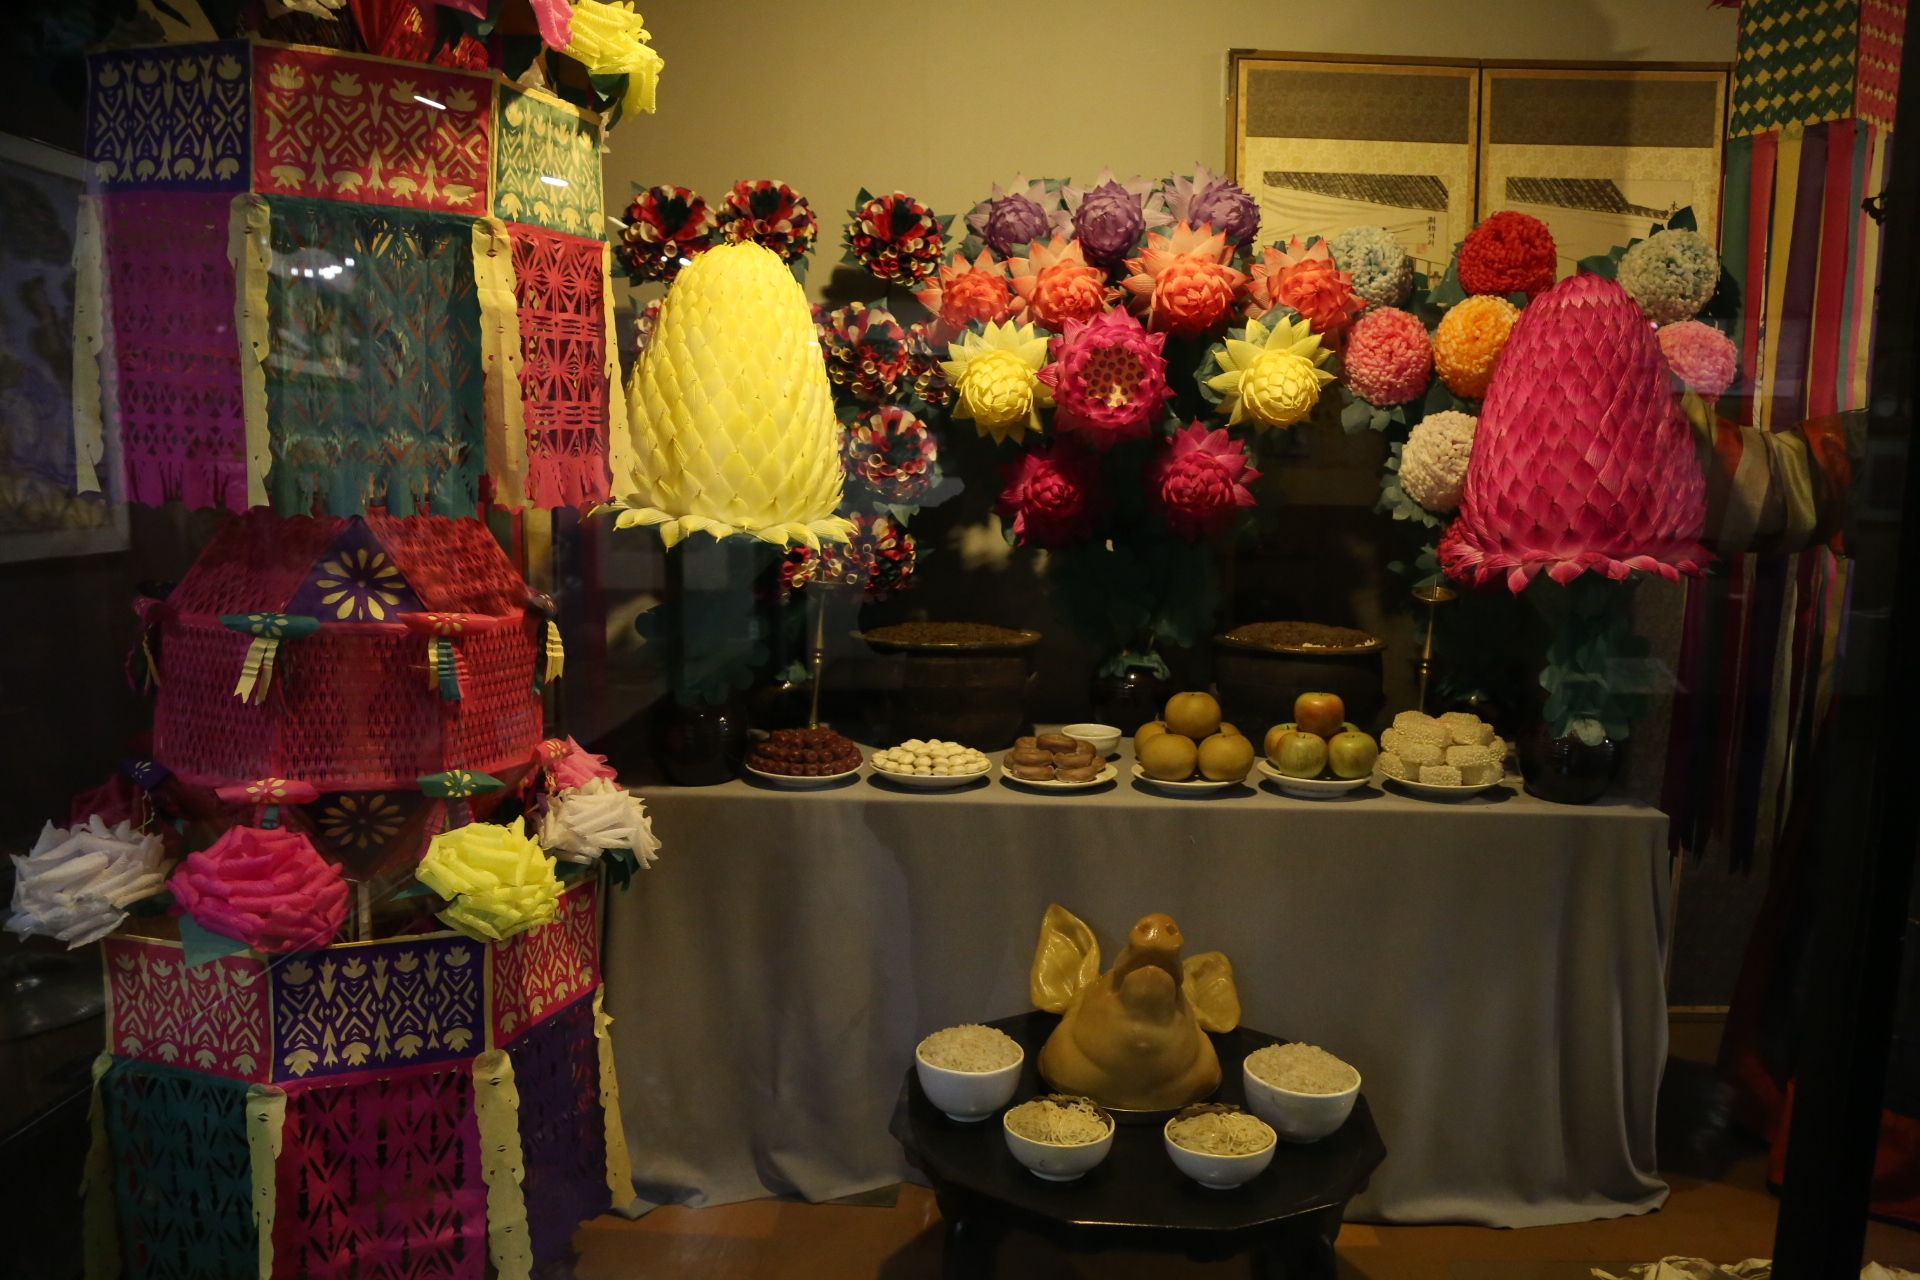 온양민속박물관Onyang Korean Folk Museum 굿 지난 주말 사상체질의학회 이사회를 다녀오며 들긴곳입니다...좋은 내용이 많이 있더군요...한번 방문해보세요^^ 온양민속박물관소개  http://aboutchun.com/718  English HP http://www.iwooridul.com/english 日本語HP http://www.iwooridul.com/japan 中國語 HP http://www.iwooridul.com/chinese  우리들한의원 무료앱 다운법 사상체질진단가능 free app. sasang diagnosis program. http://www.iwooridul.com/app-update